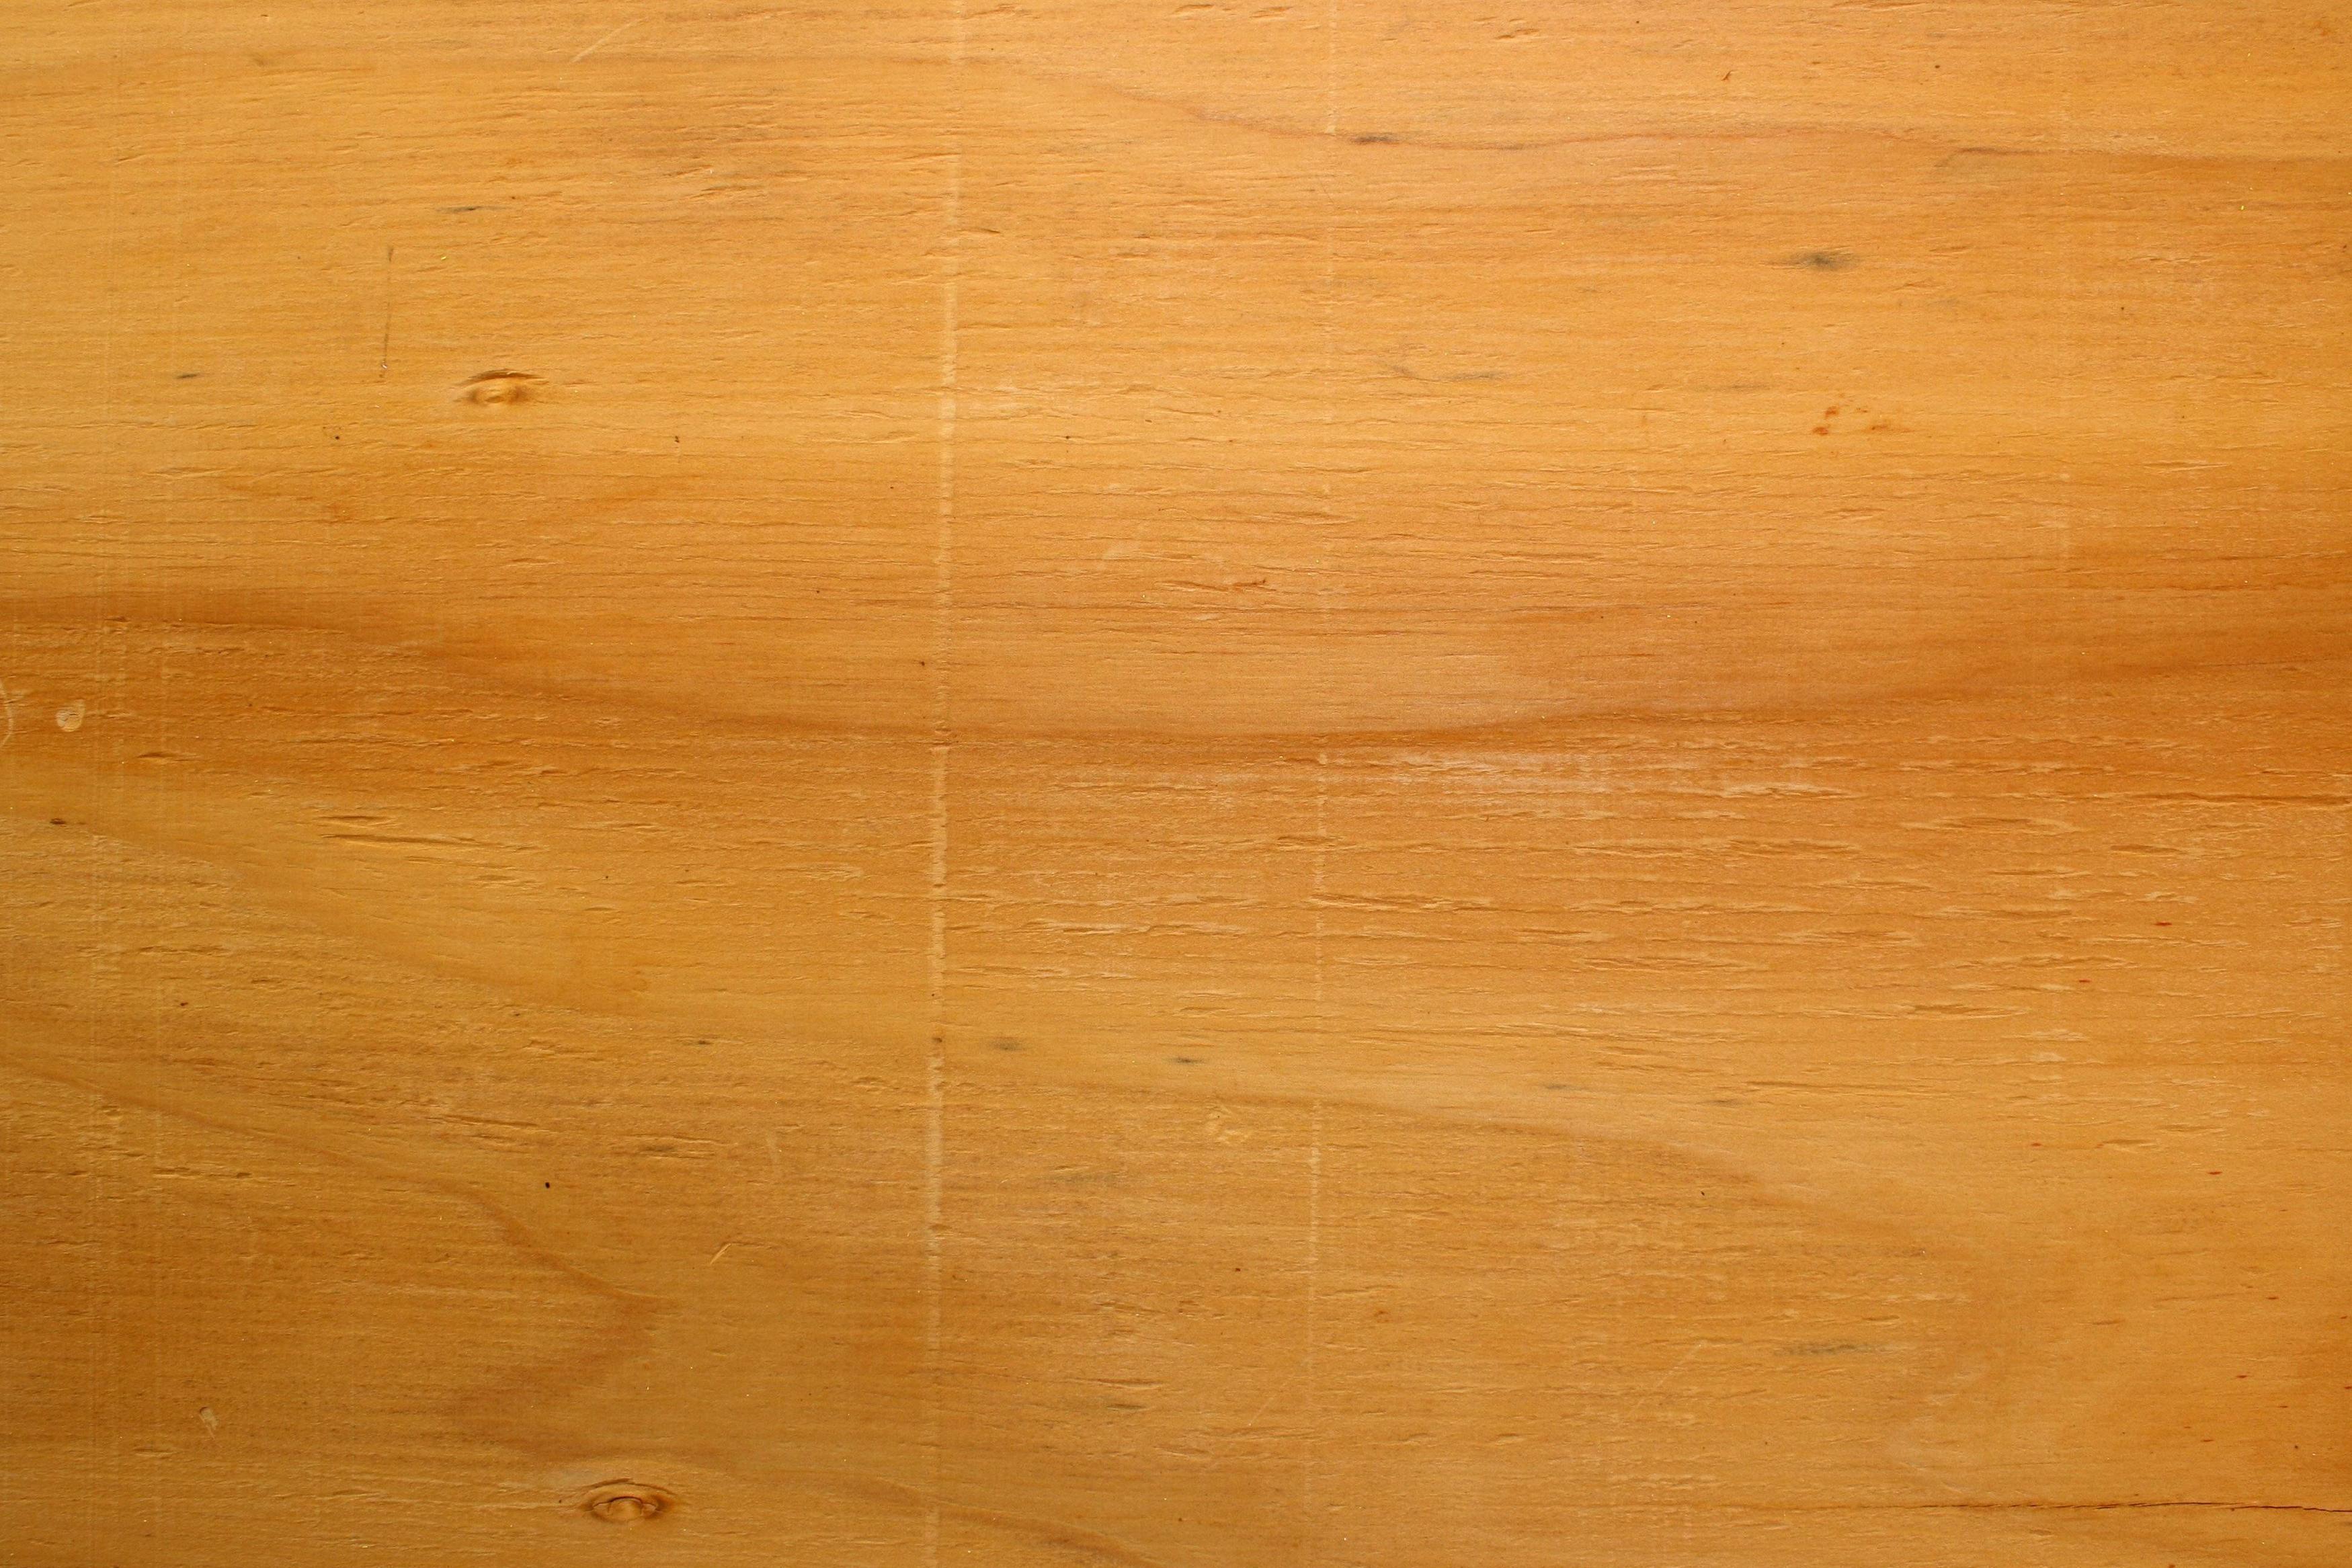 Pine Plywood Grain ~ Wood grain desktop wallpapers wallpaper cave